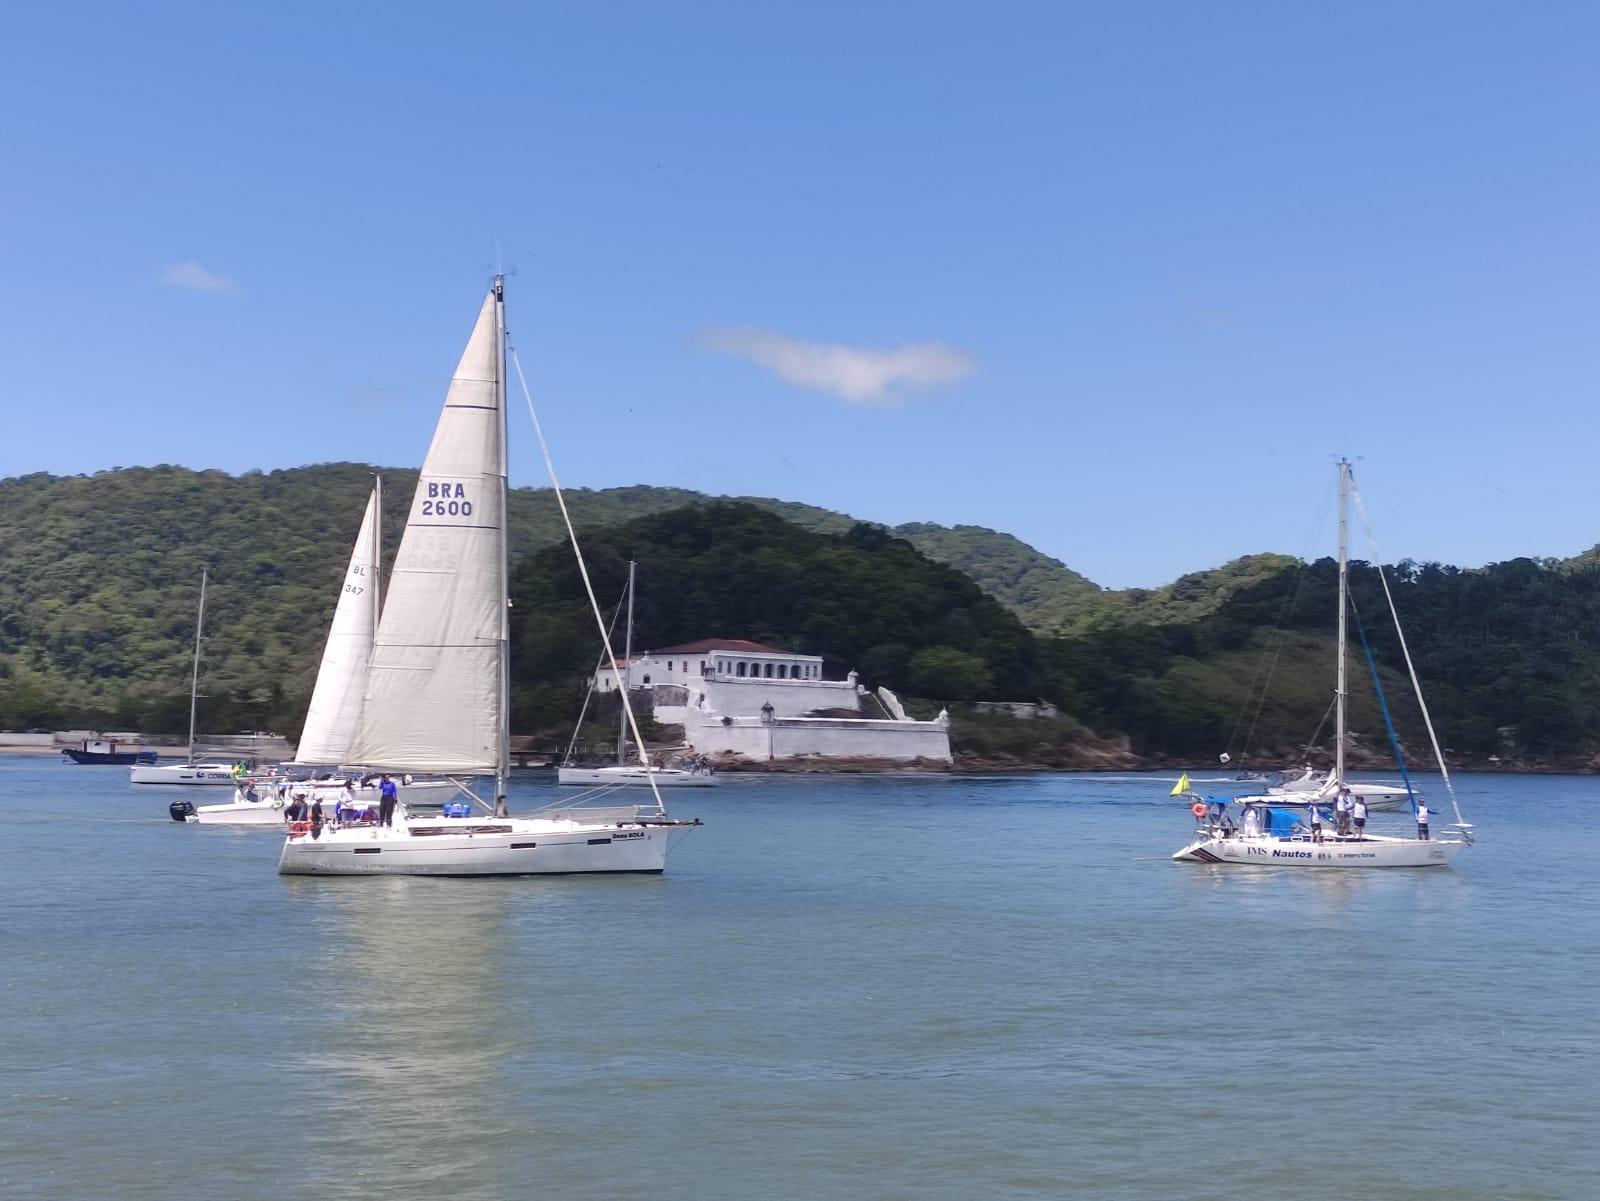 Regata Santos-Rio leva público ao êxtase antes dos desafios do vento leste   Santa Portal